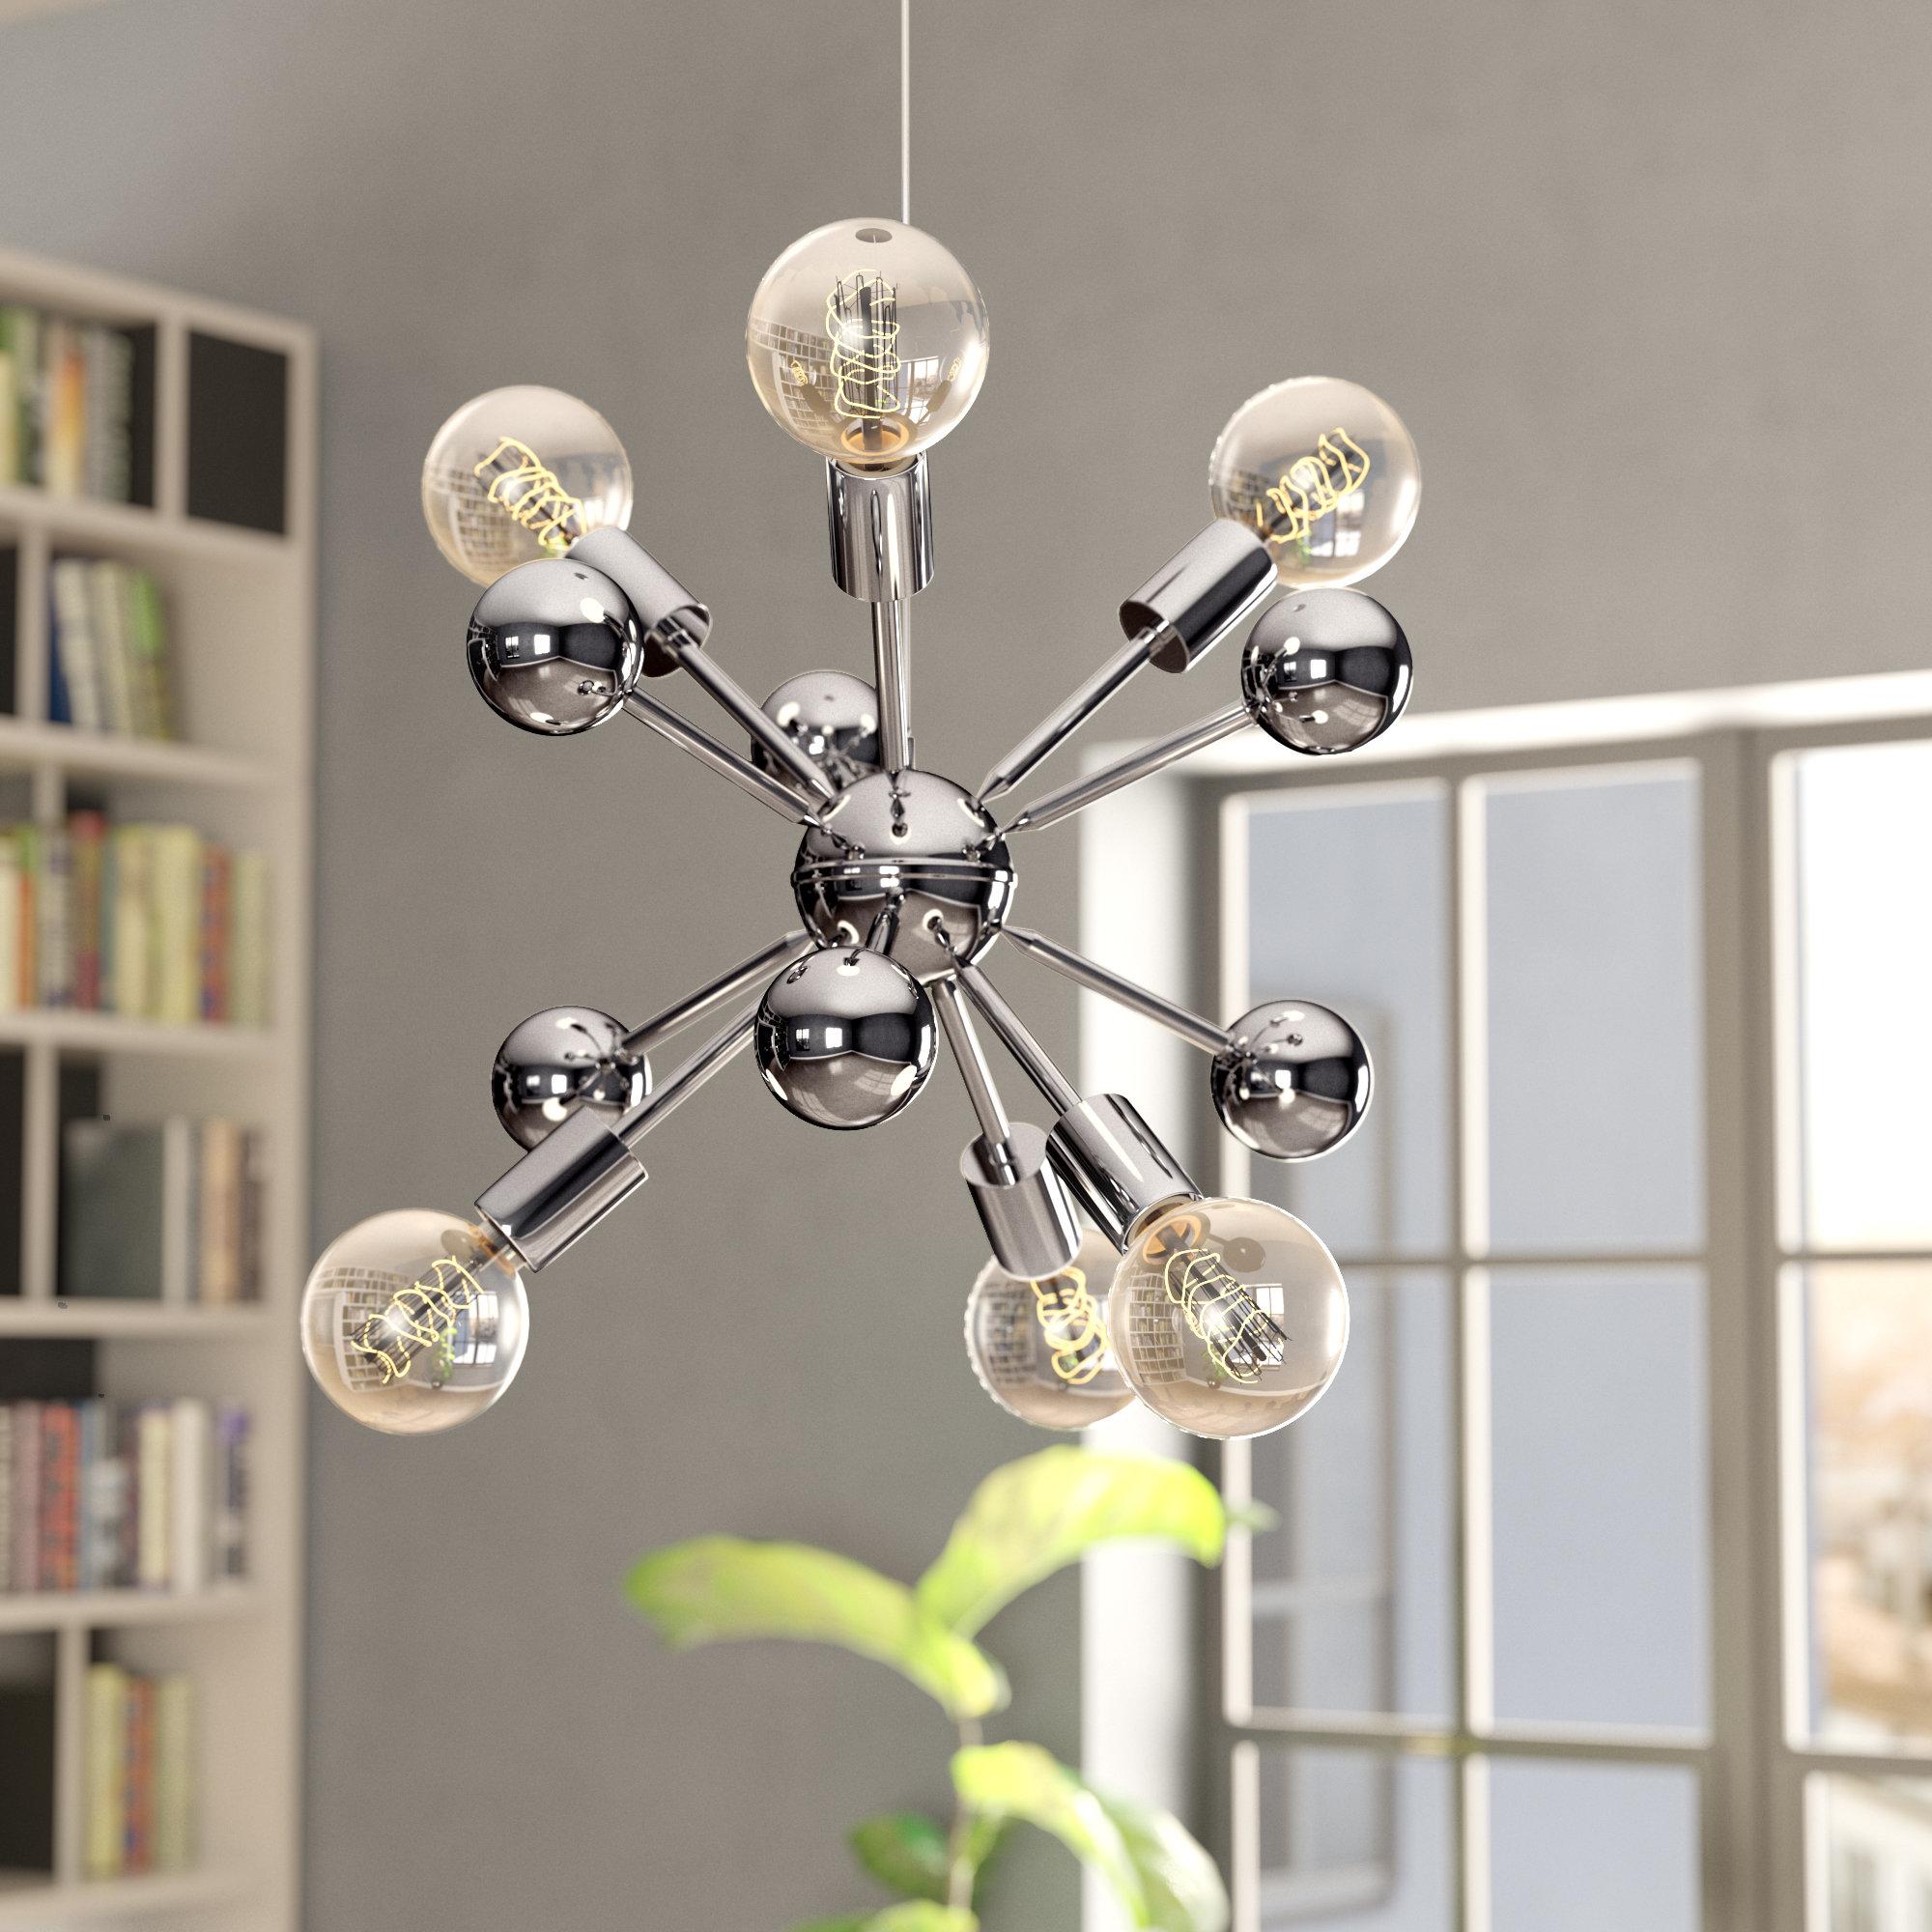 Defreitas 18 Light Sputnik Chandeliers With Fashionable Dorcia 6 Light Sputnik Chandelier (View 20 of 20)